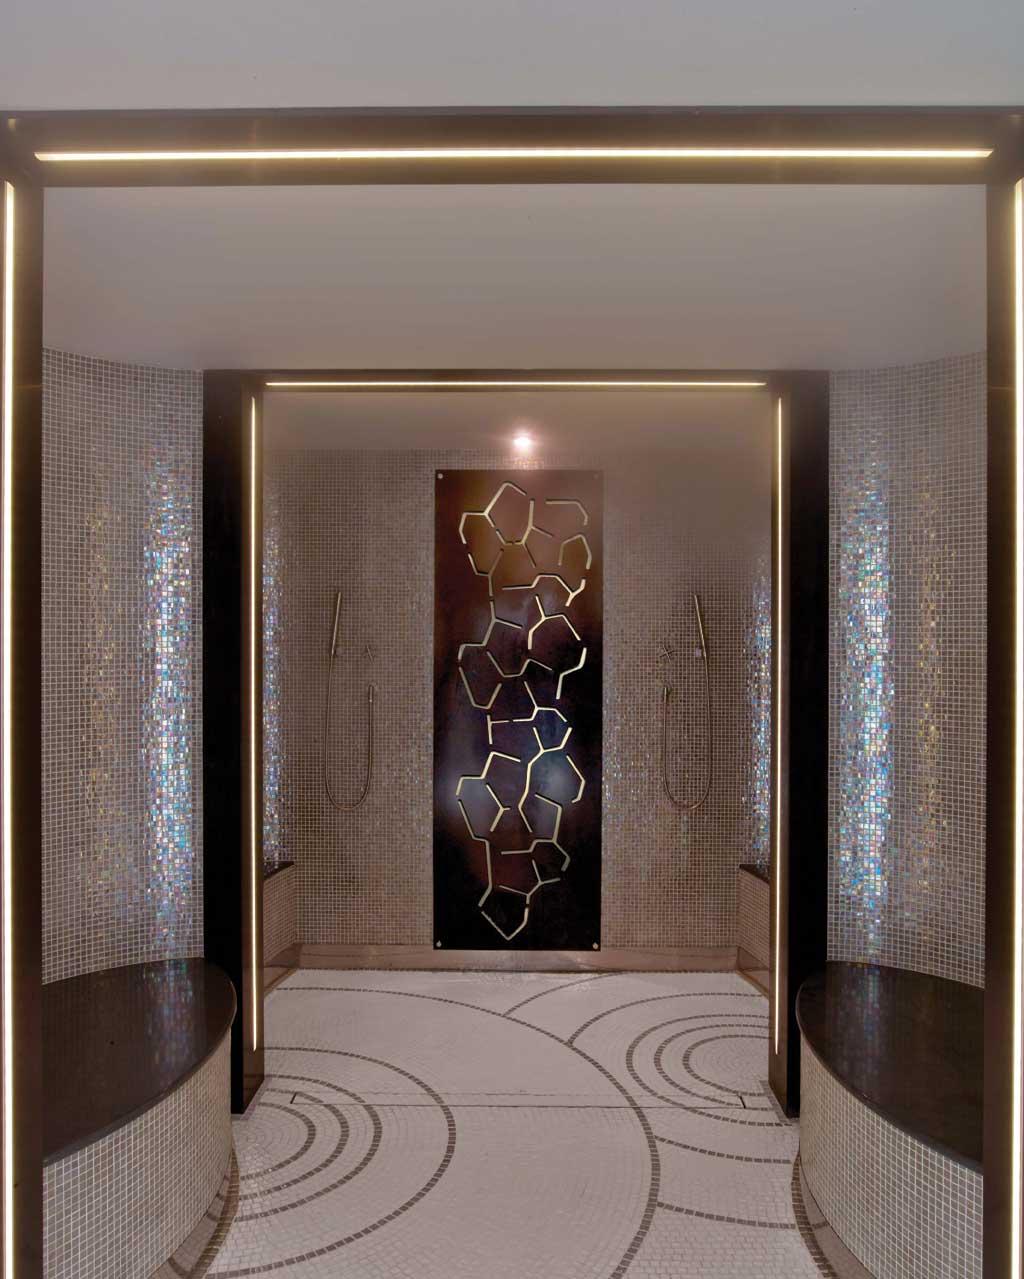 Espa at Baku Flame Towers Fairmont 9